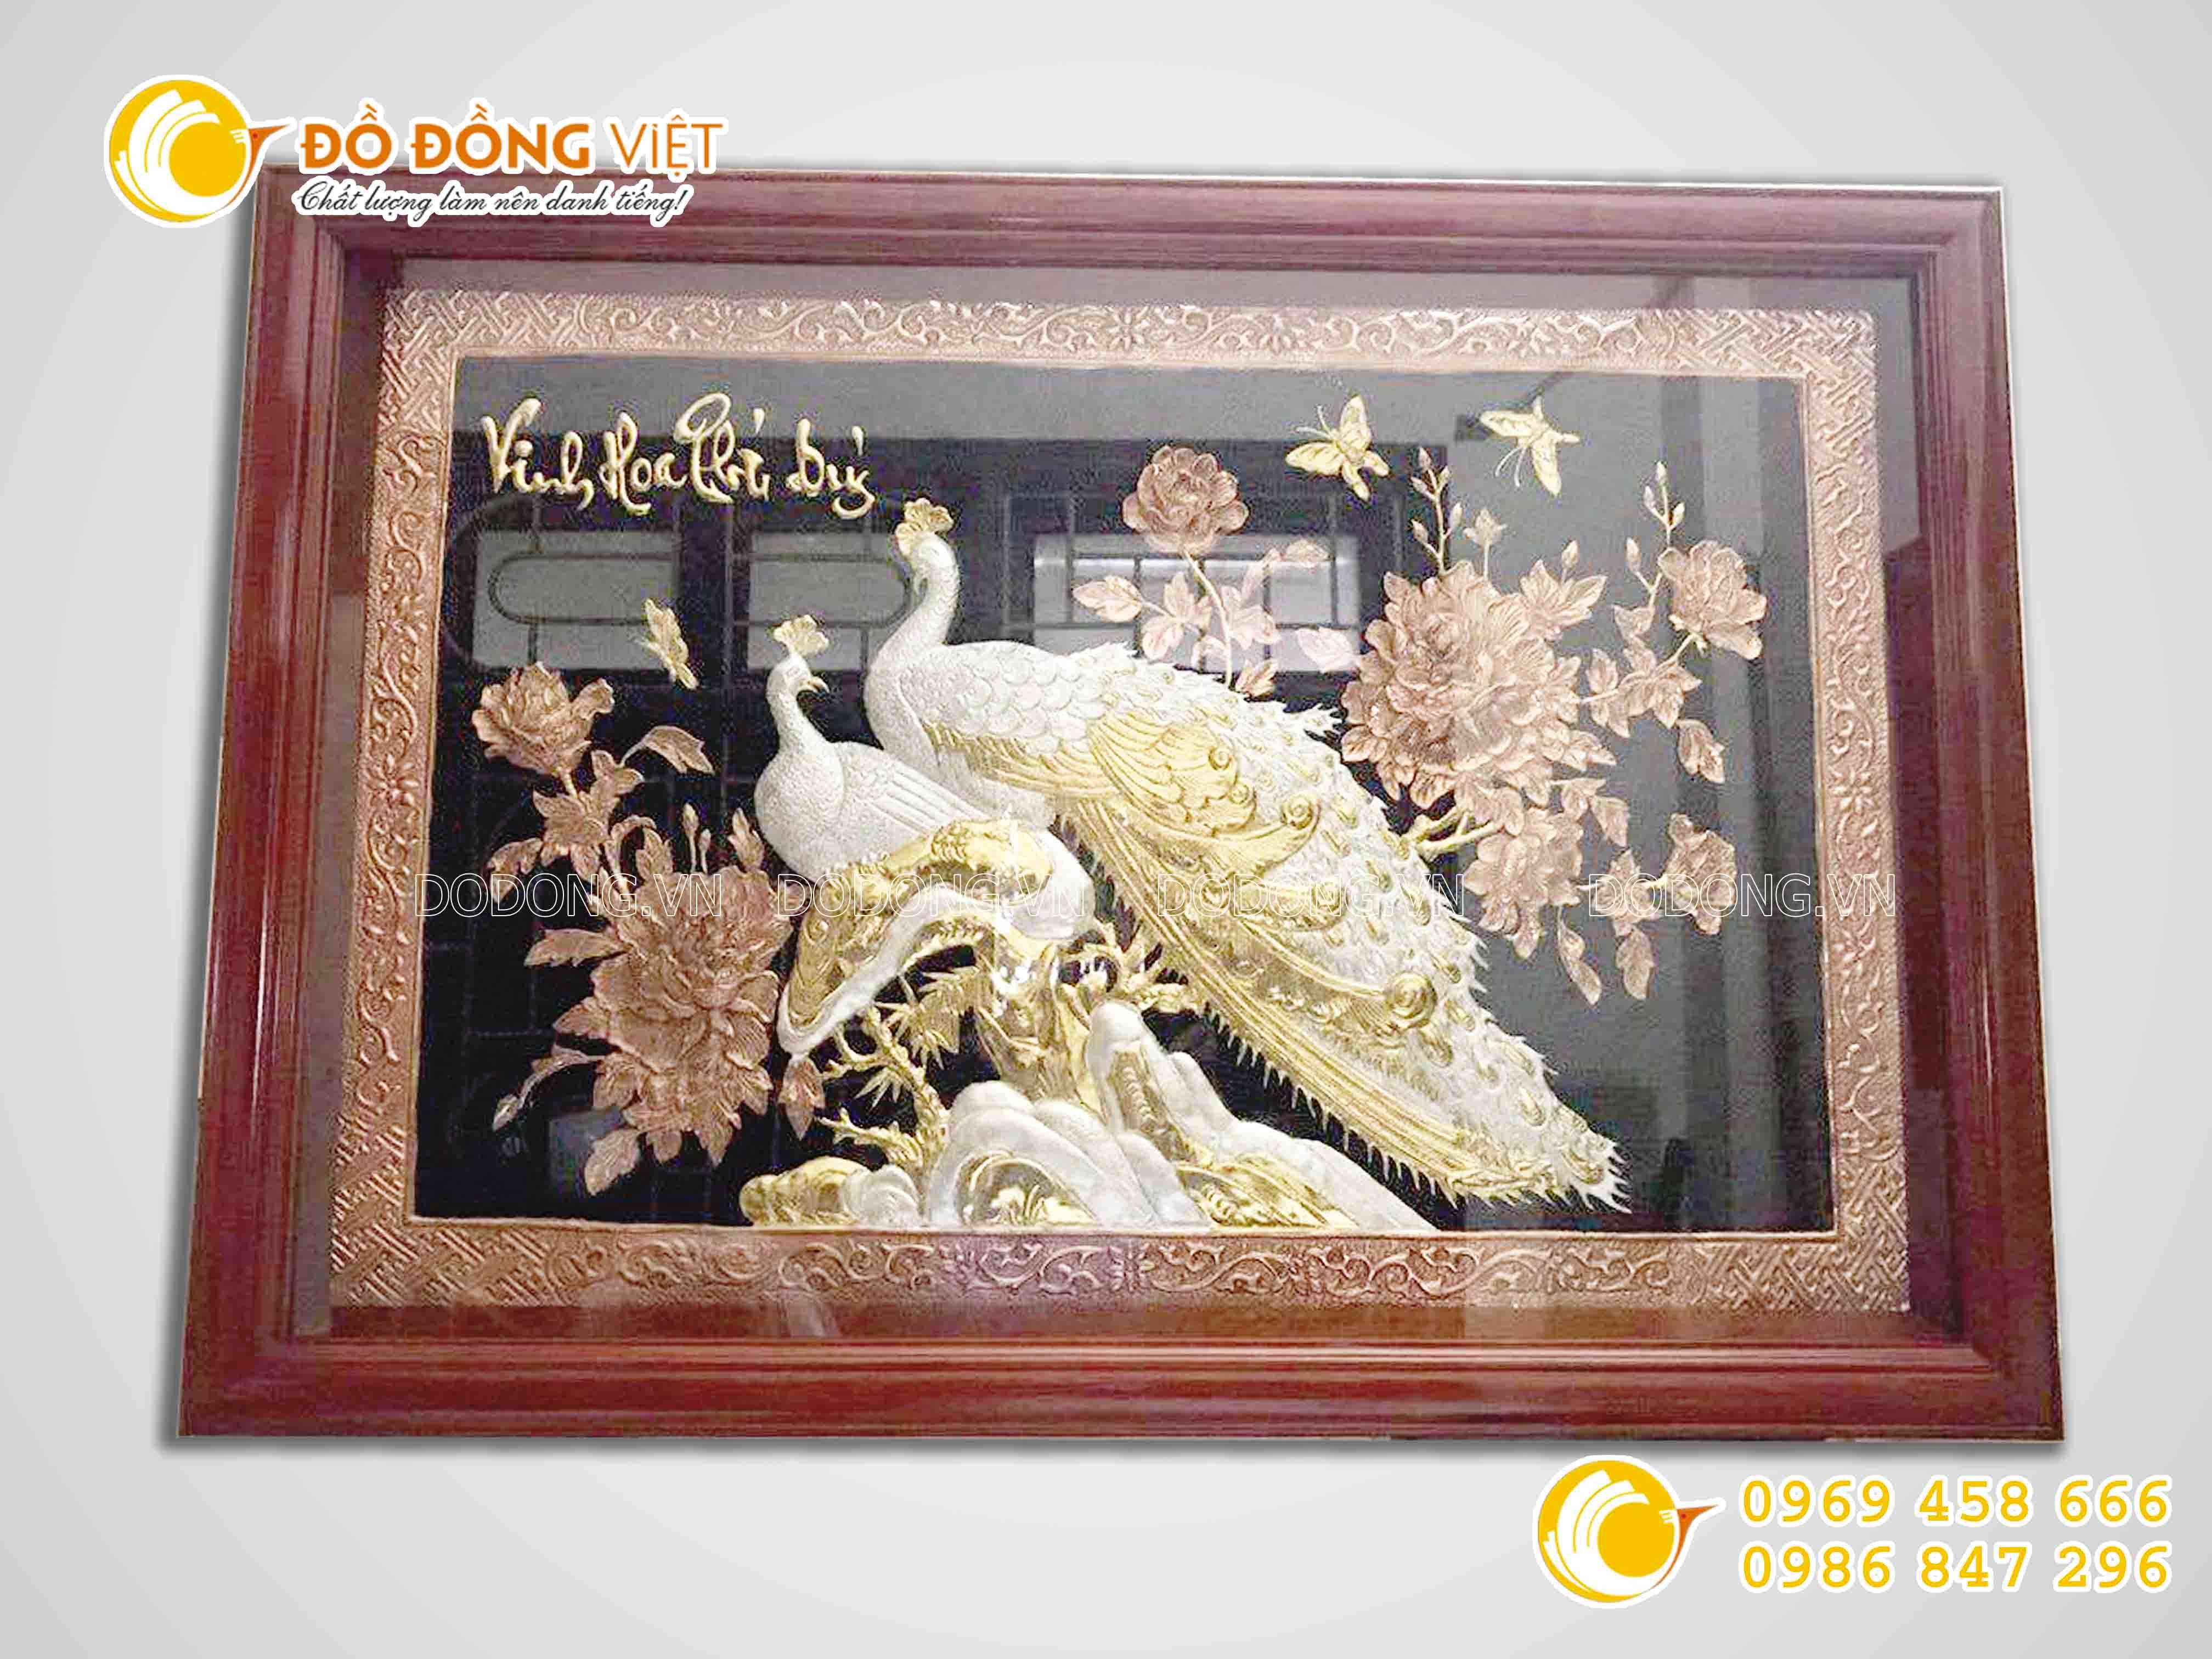 Tranh đồng Vinh hoa phú quý- quà tặng tranh đồng cao cấp0